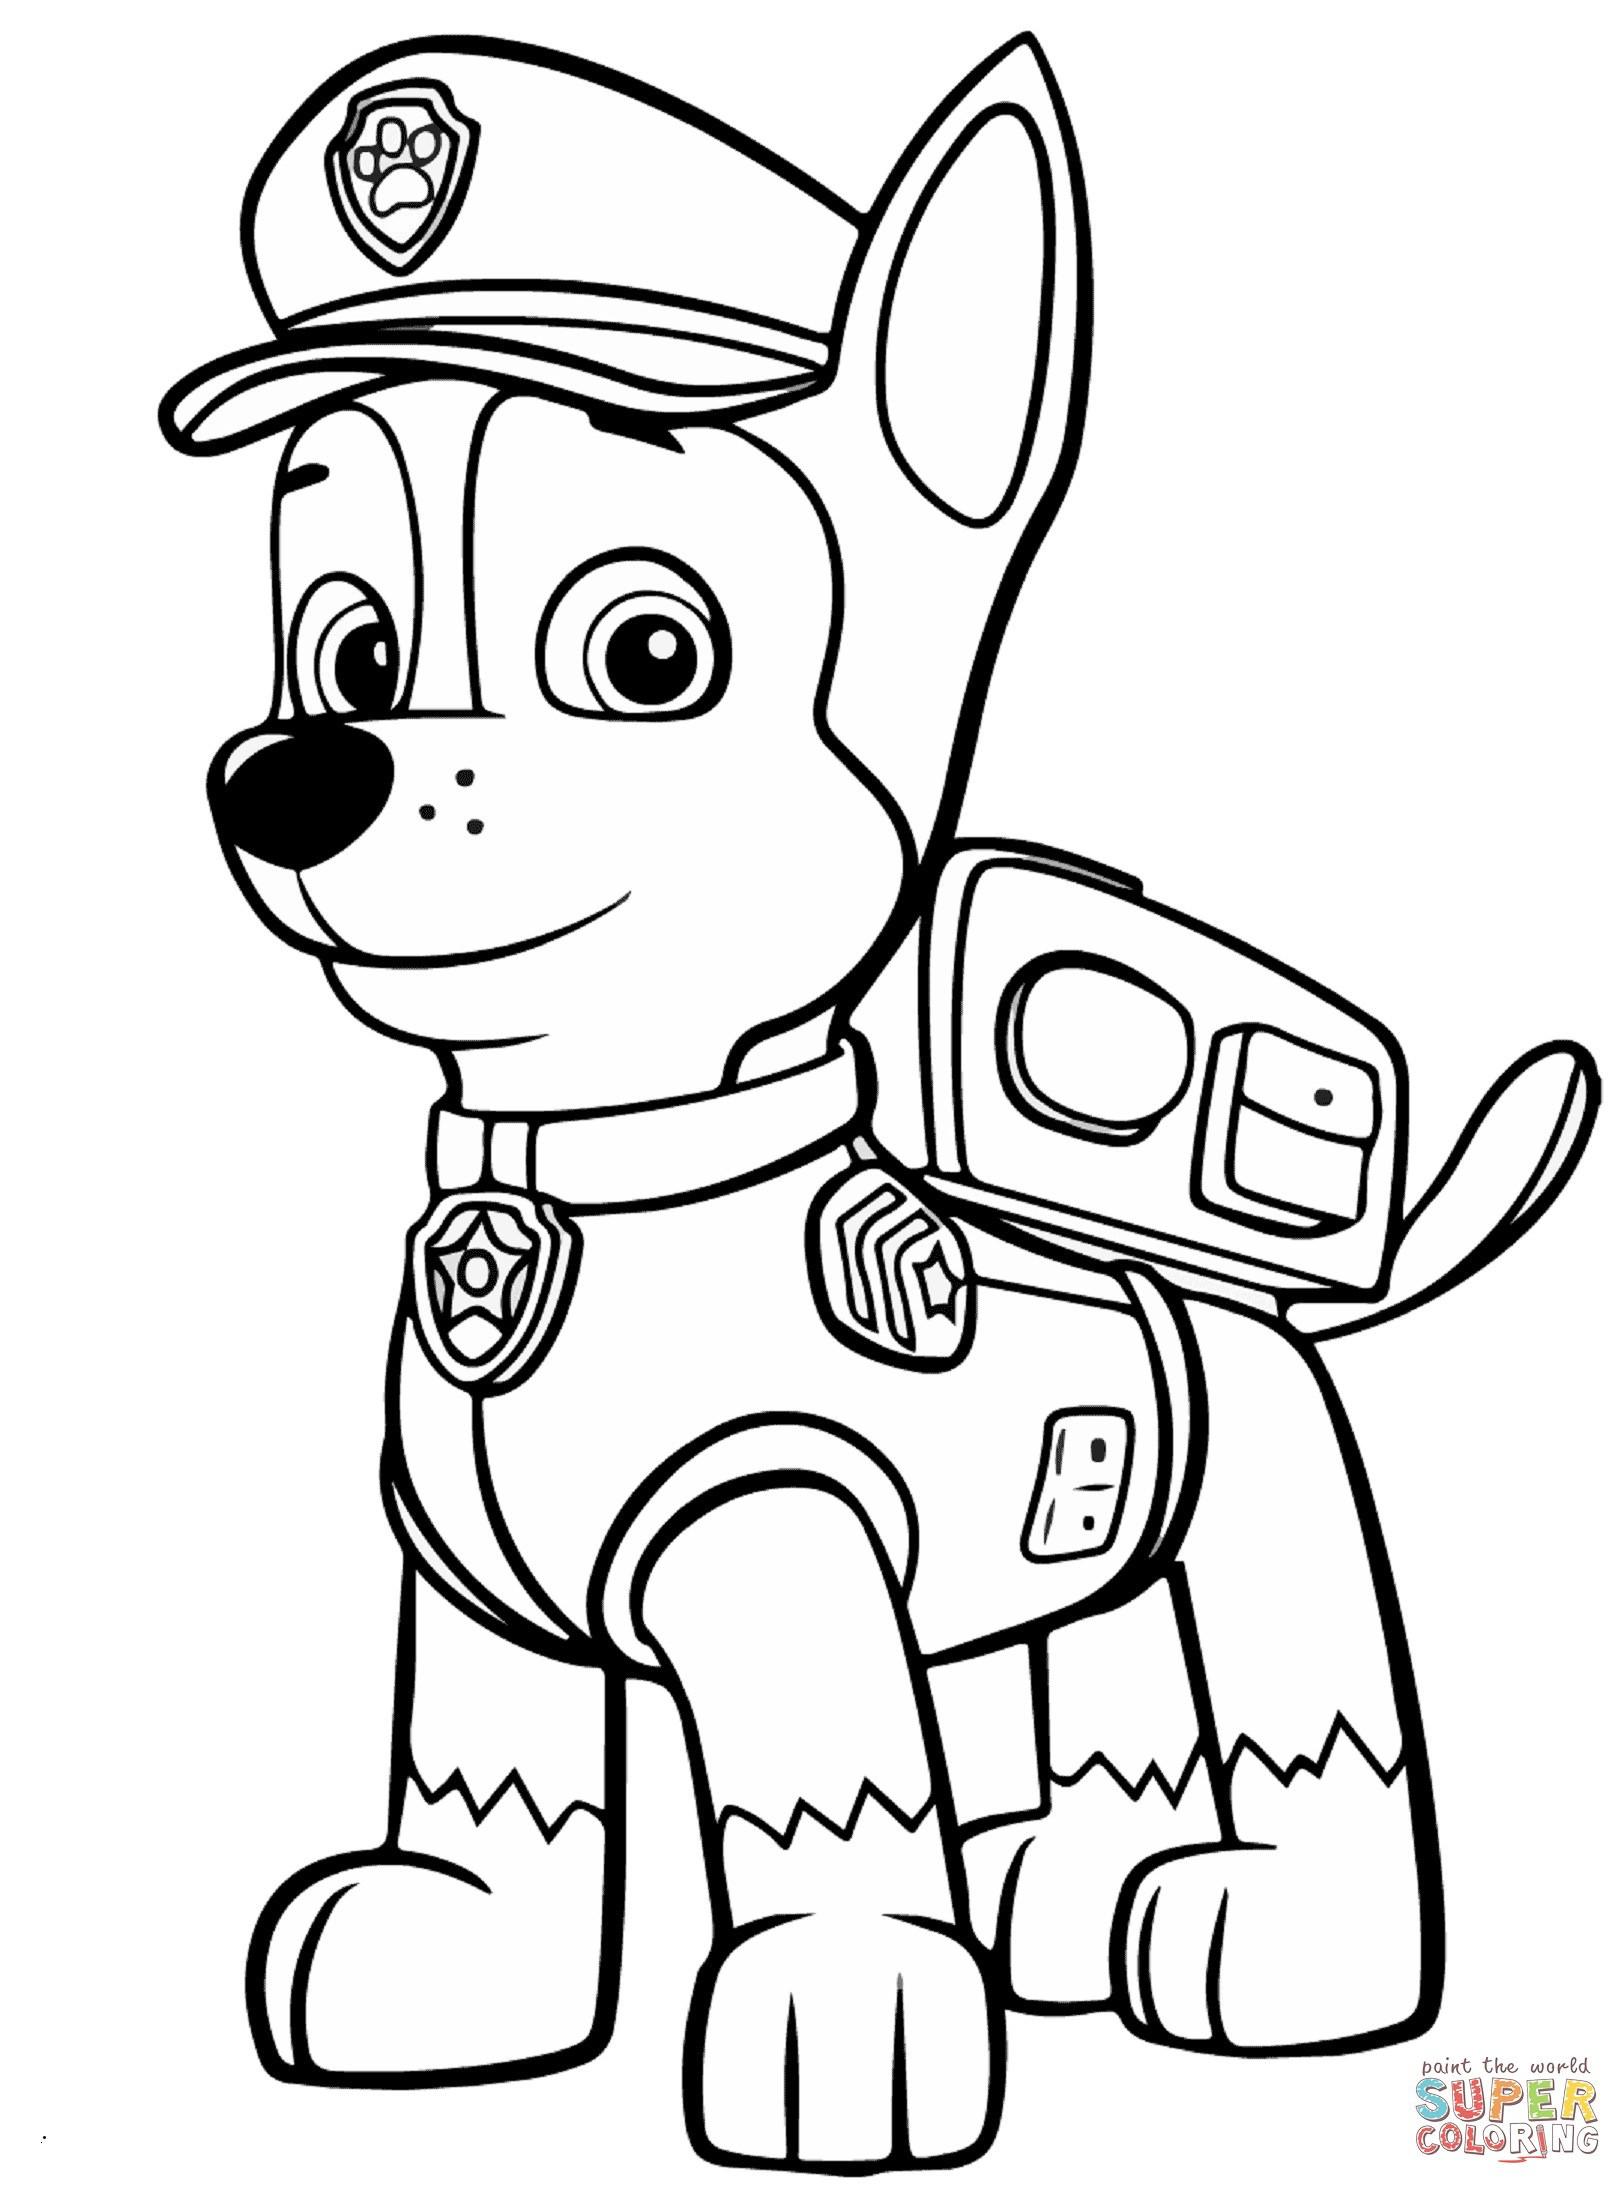 Malvorlagen Paw Patrol Das Beste Von 36 Skizze Paw Patrol Ausmalbilder Chase Treehouse Nyc Das Bild